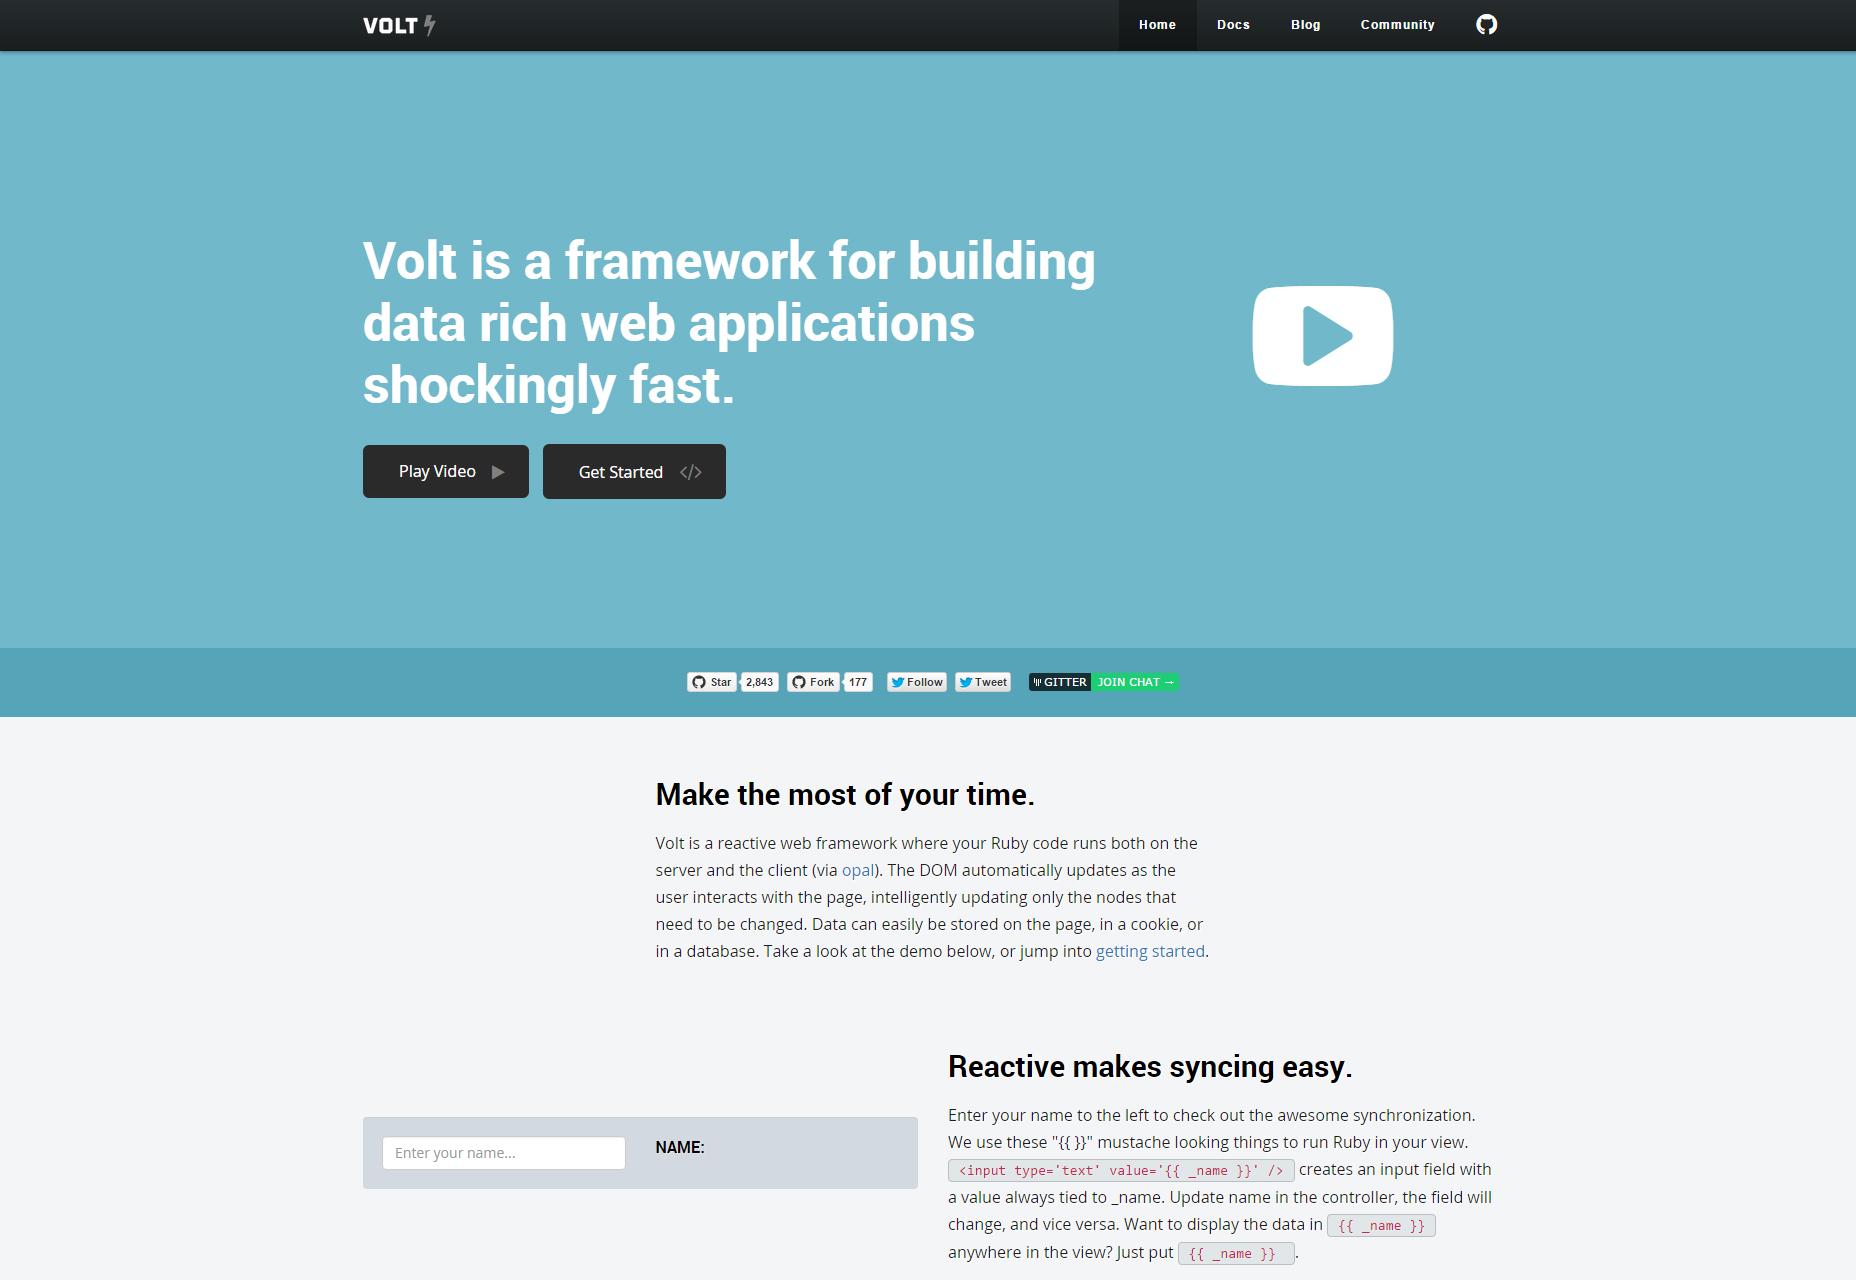 Volt: Reactive Data-rich Web Applications Framework